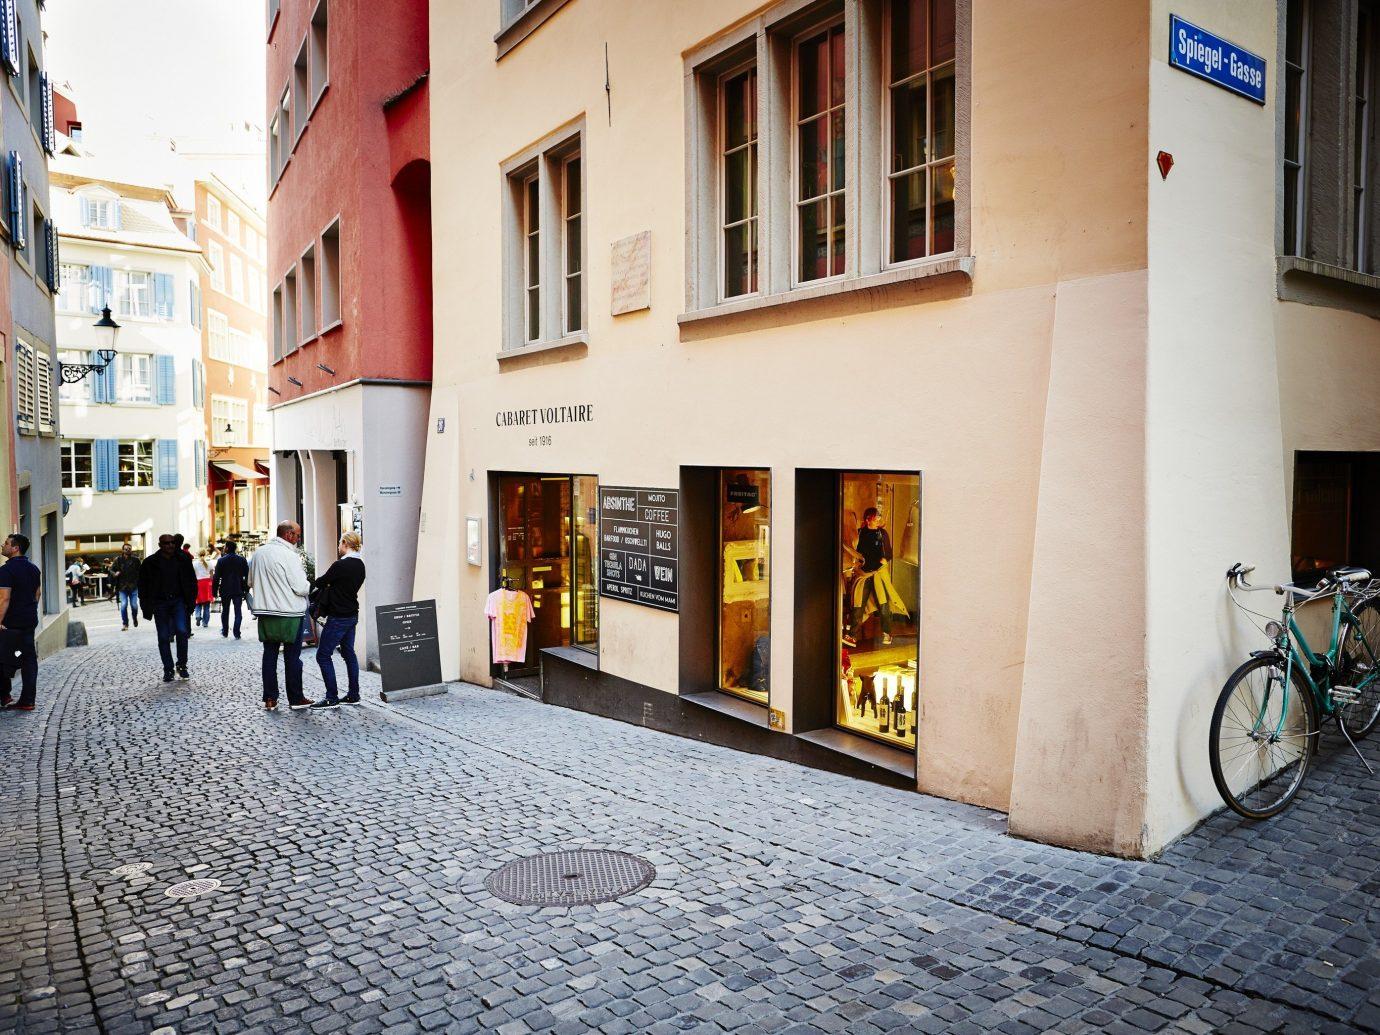 Cabaret Voltaire, Zurich